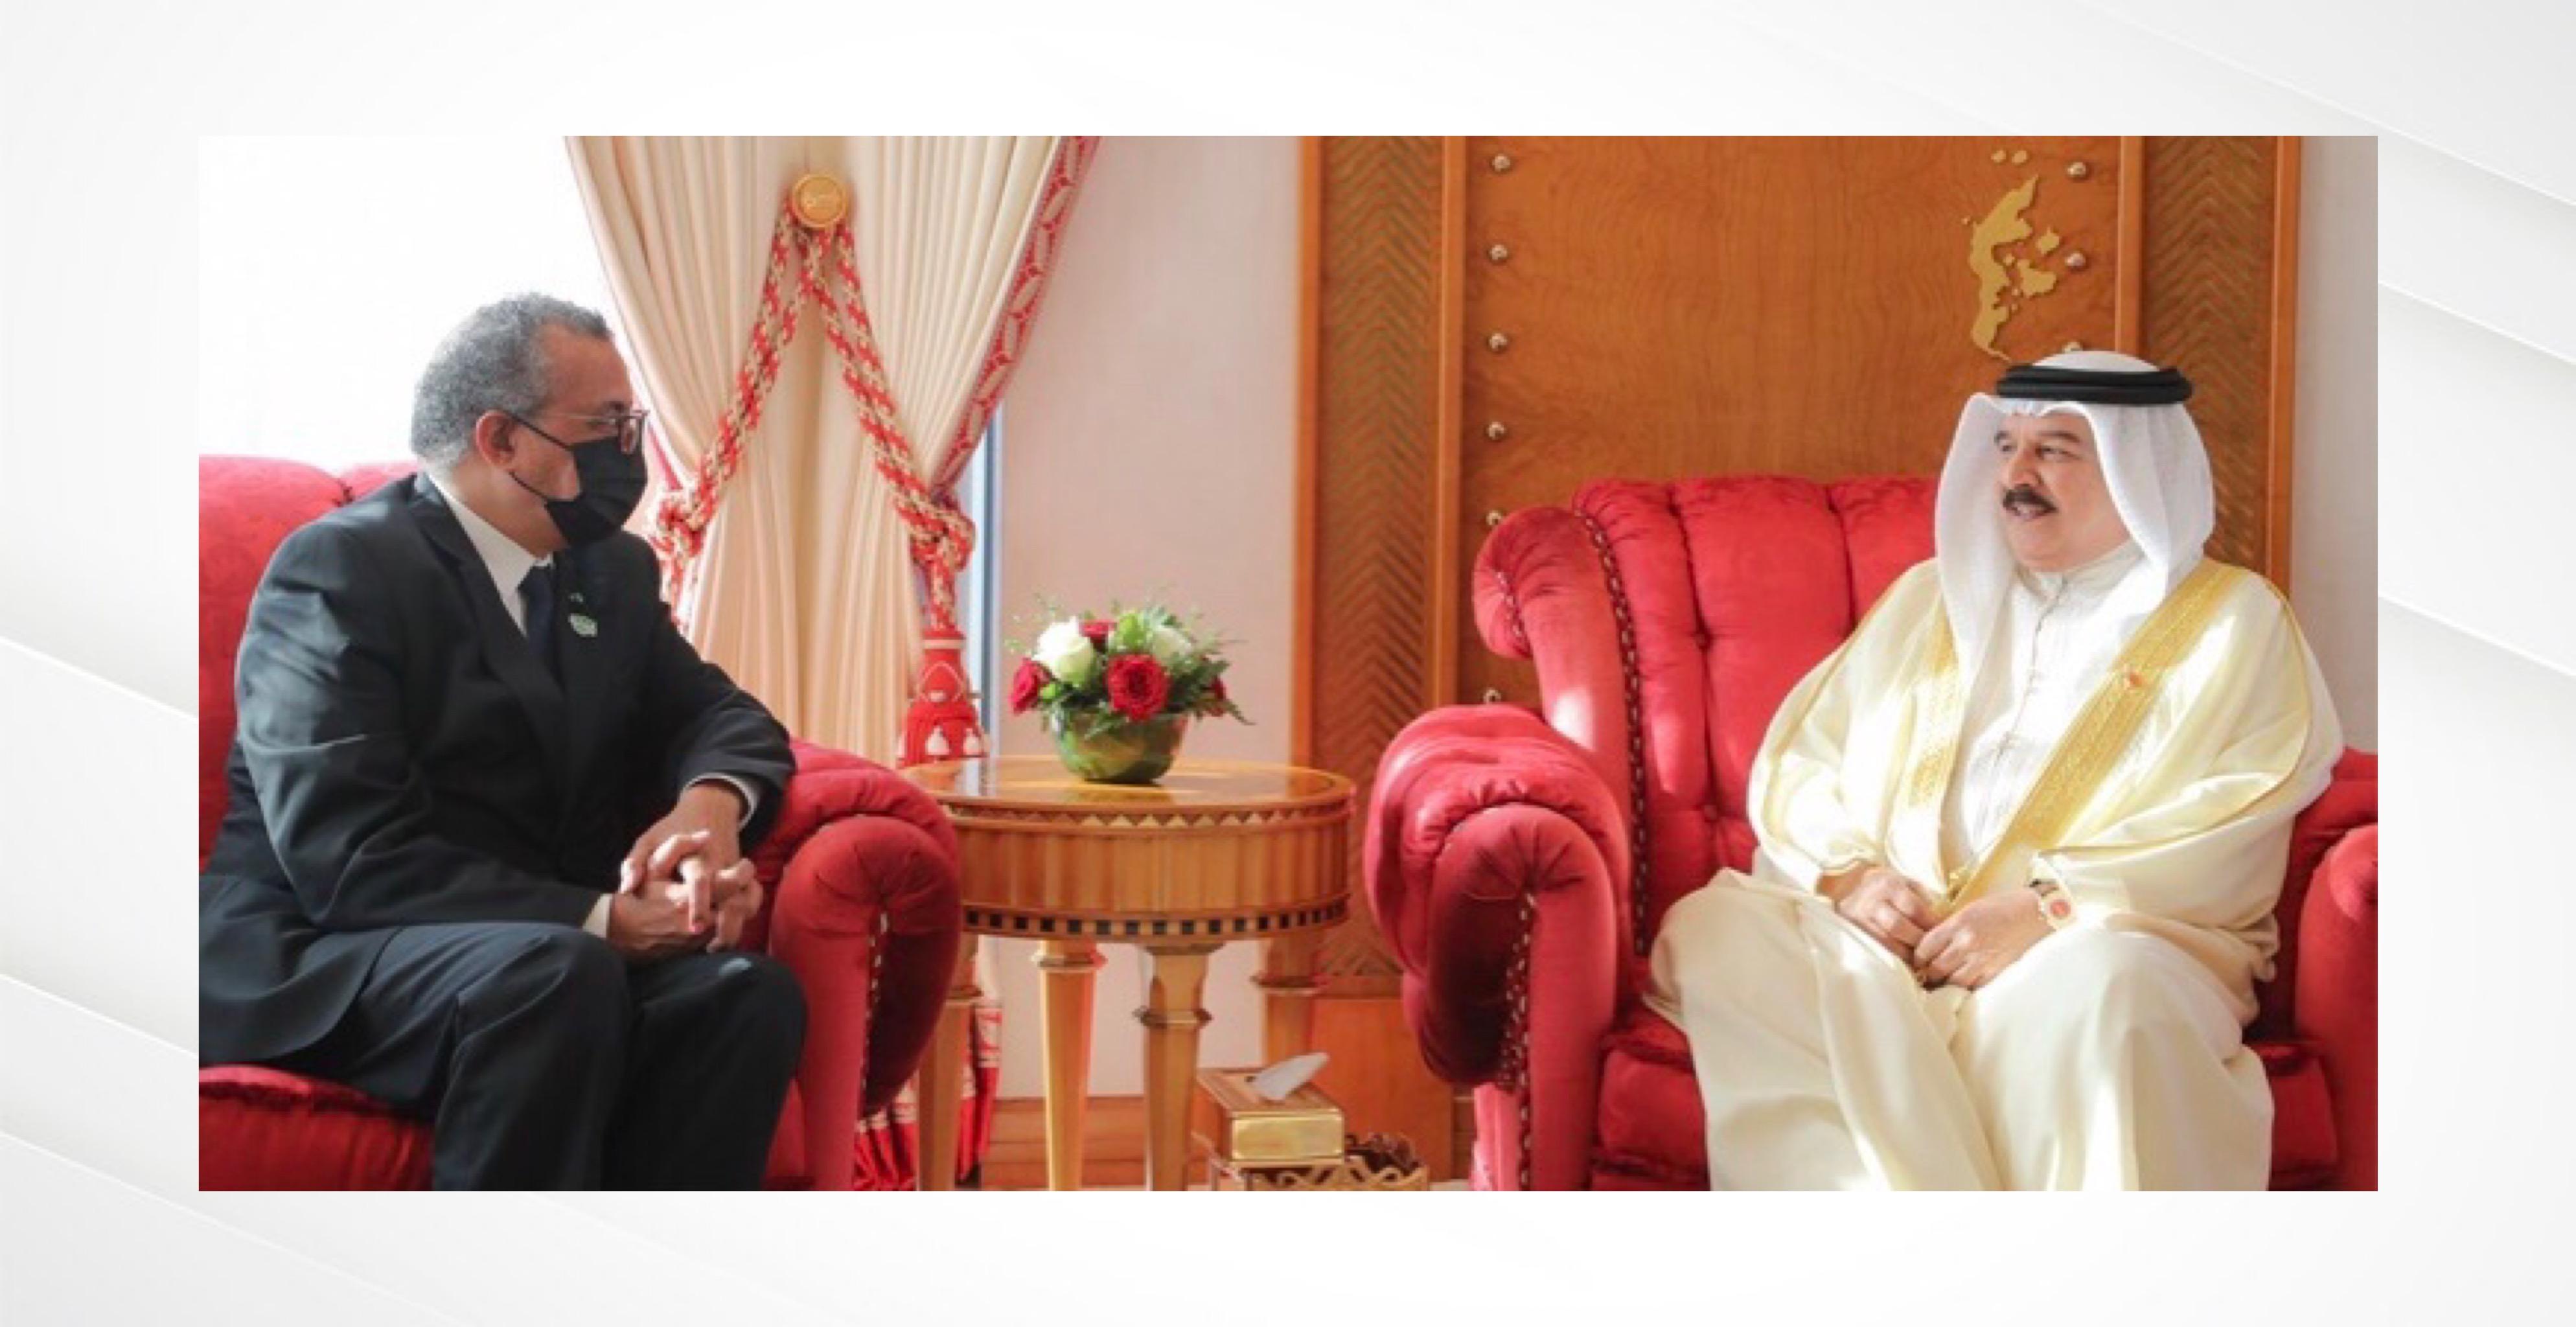 جلالة الملك المفدى يستقبل المدير العام لمنظمة الصحة العالمية.. ويؤكد دعم مملكة البحرين لجهود المنظمة الهادفة لمكافحة جائحة كورونا